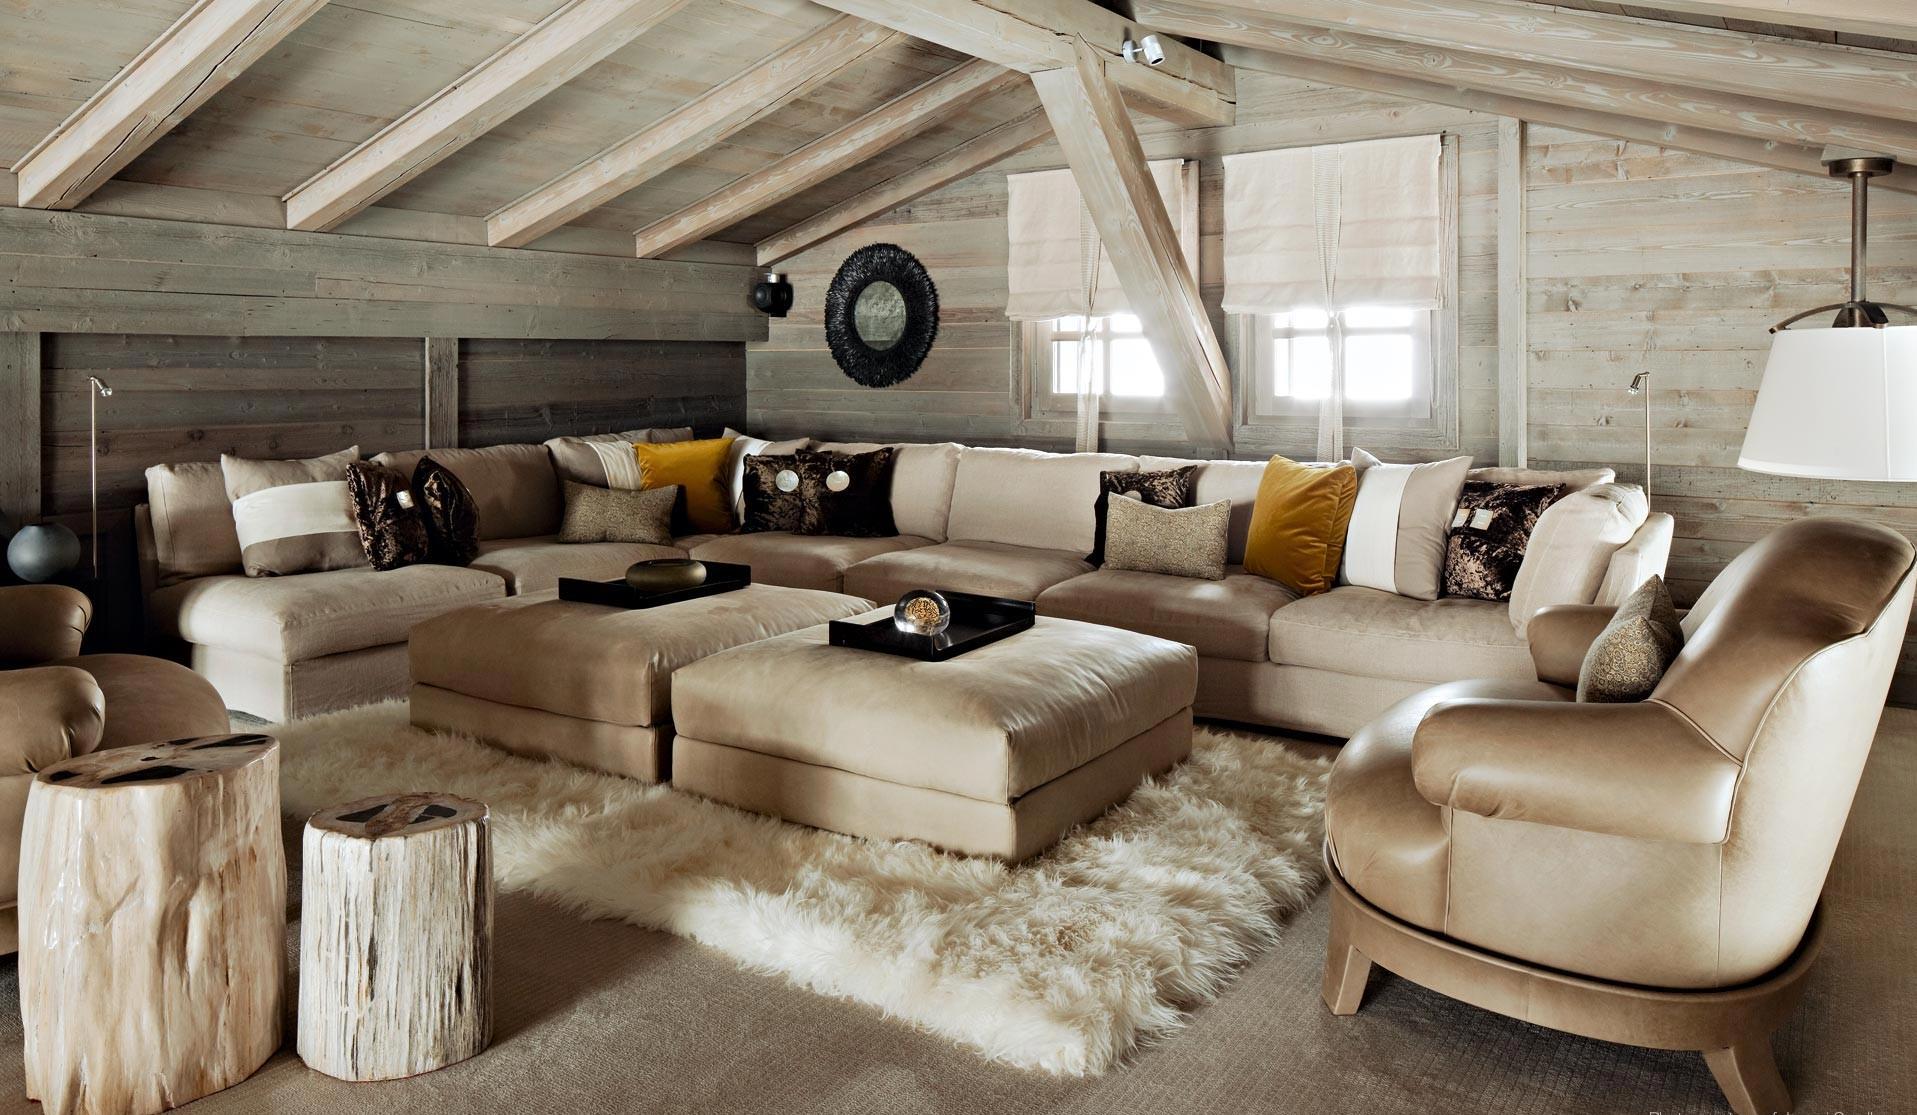 ANNABELLE: Kelly hoppen living room ideas